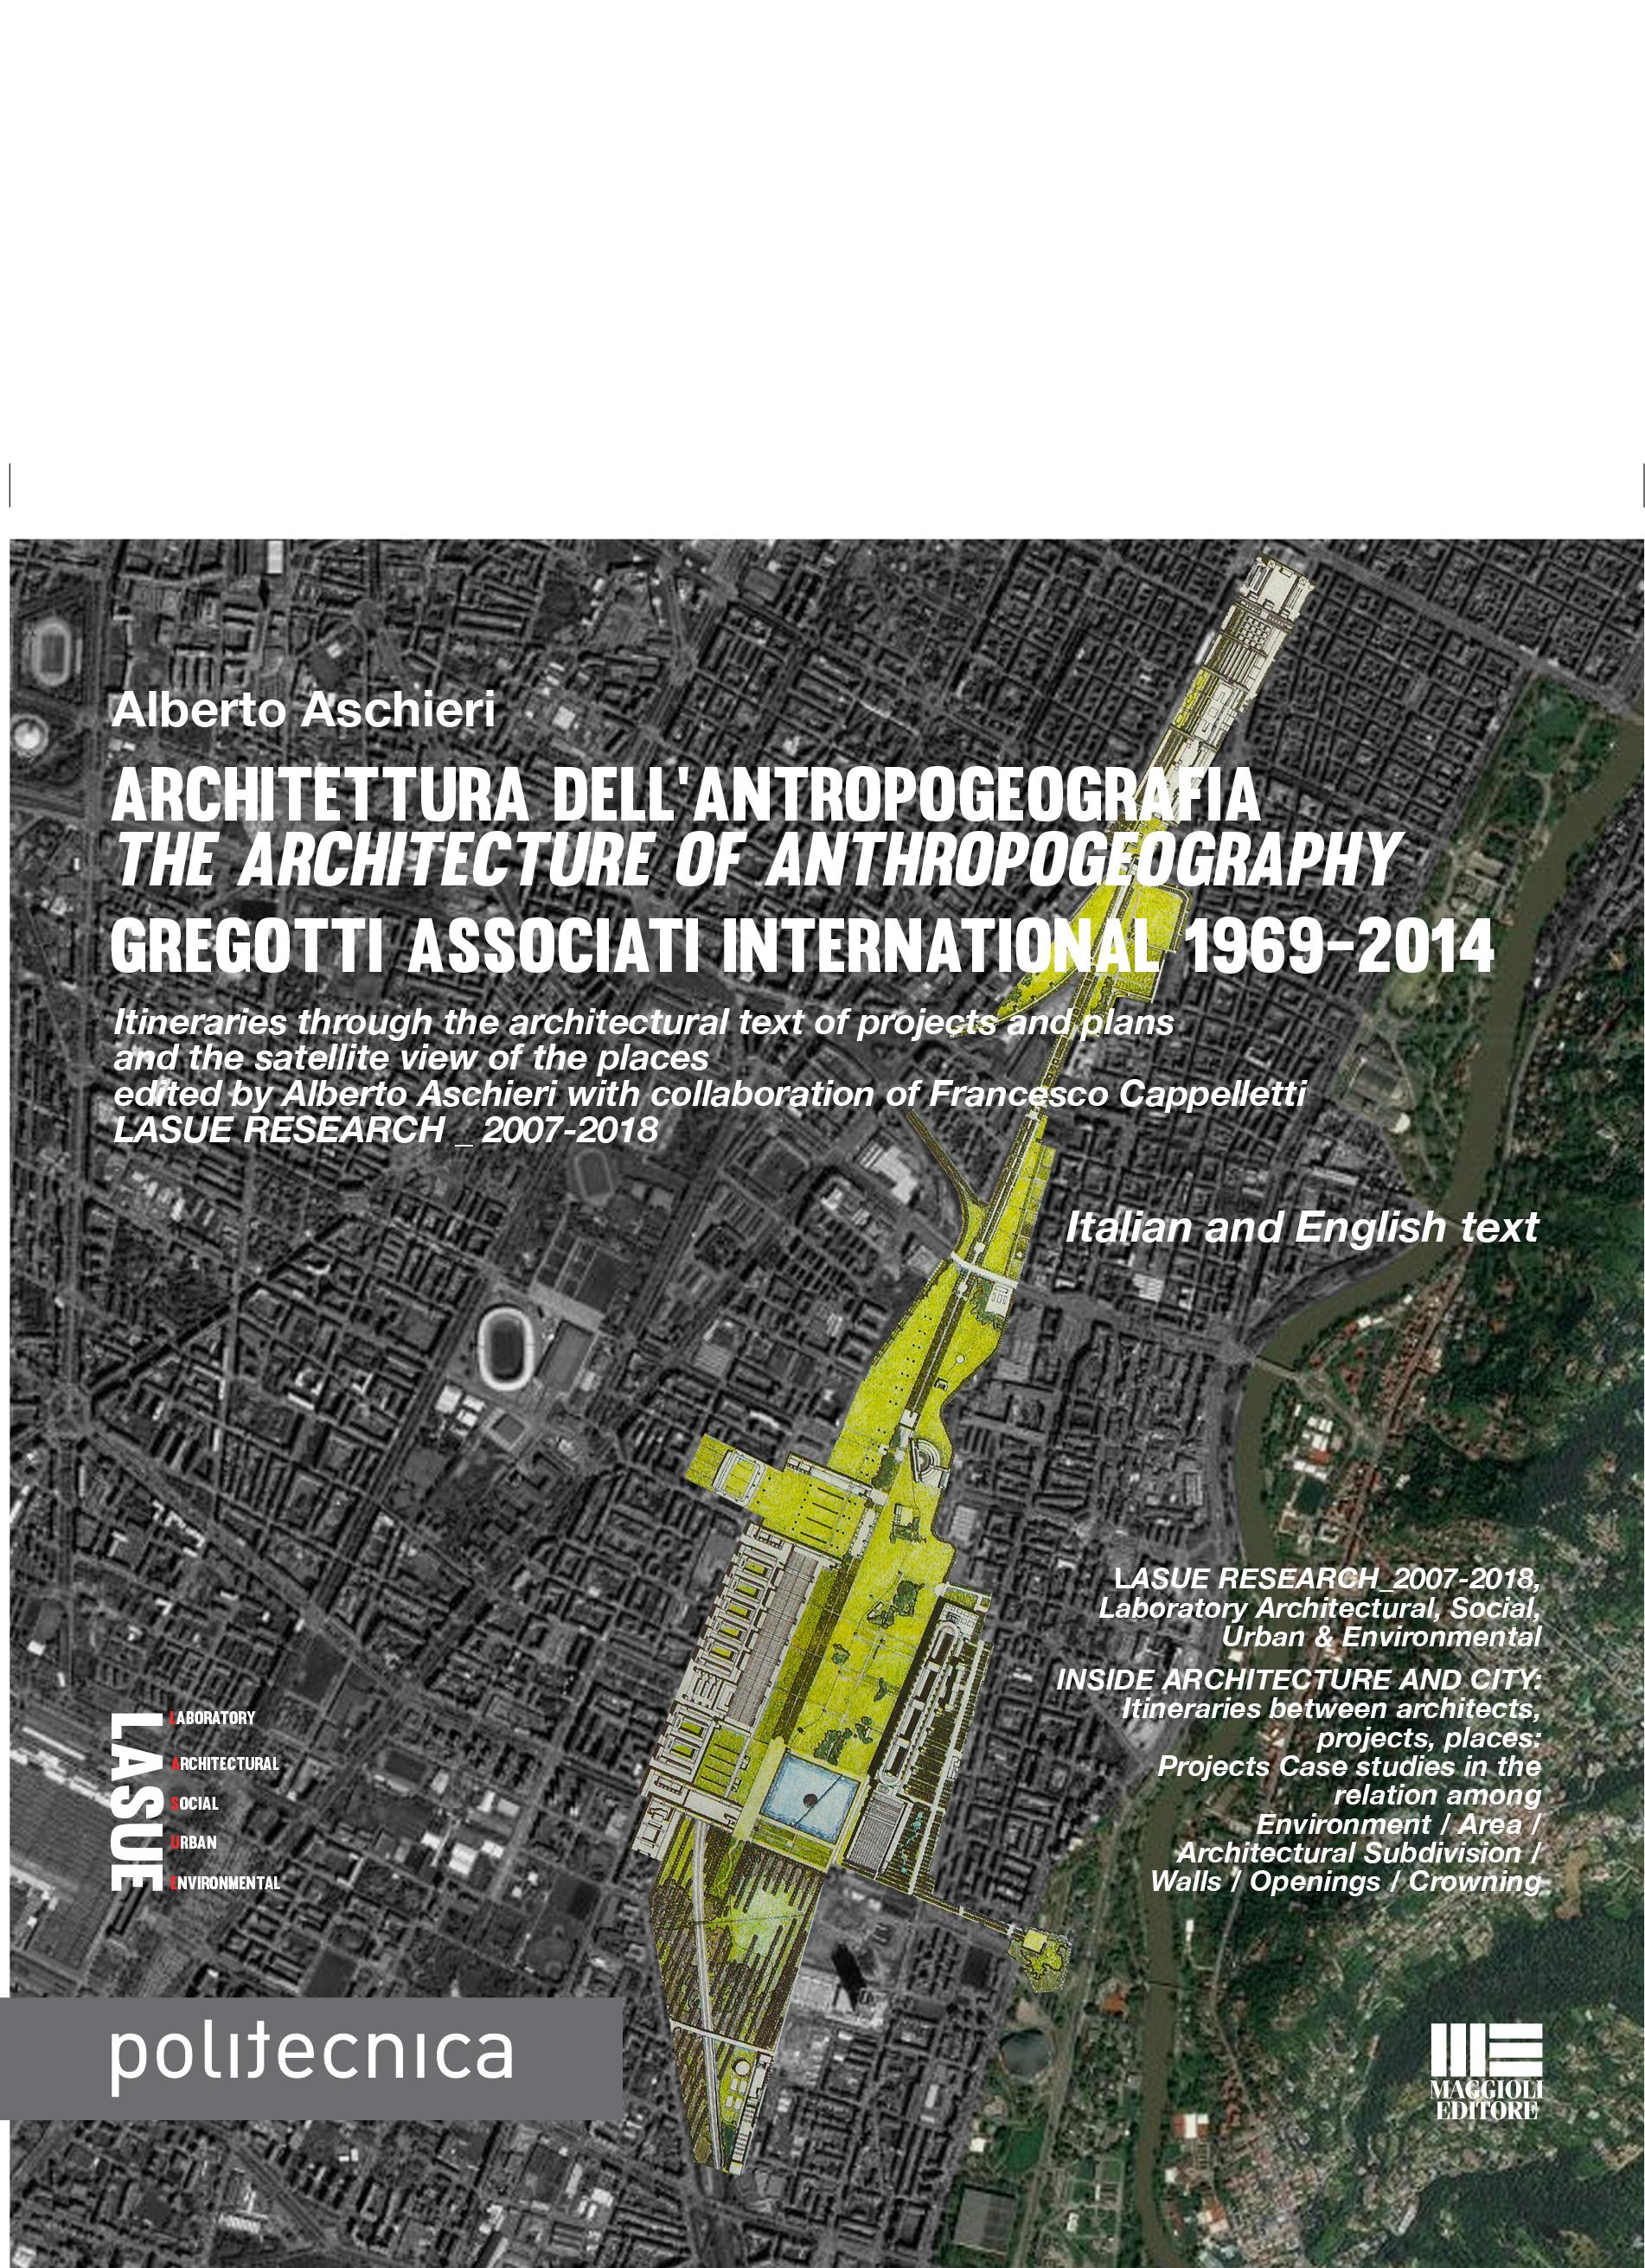 Architettura dell'antropogeografia - The Architecture of Anthropogeography